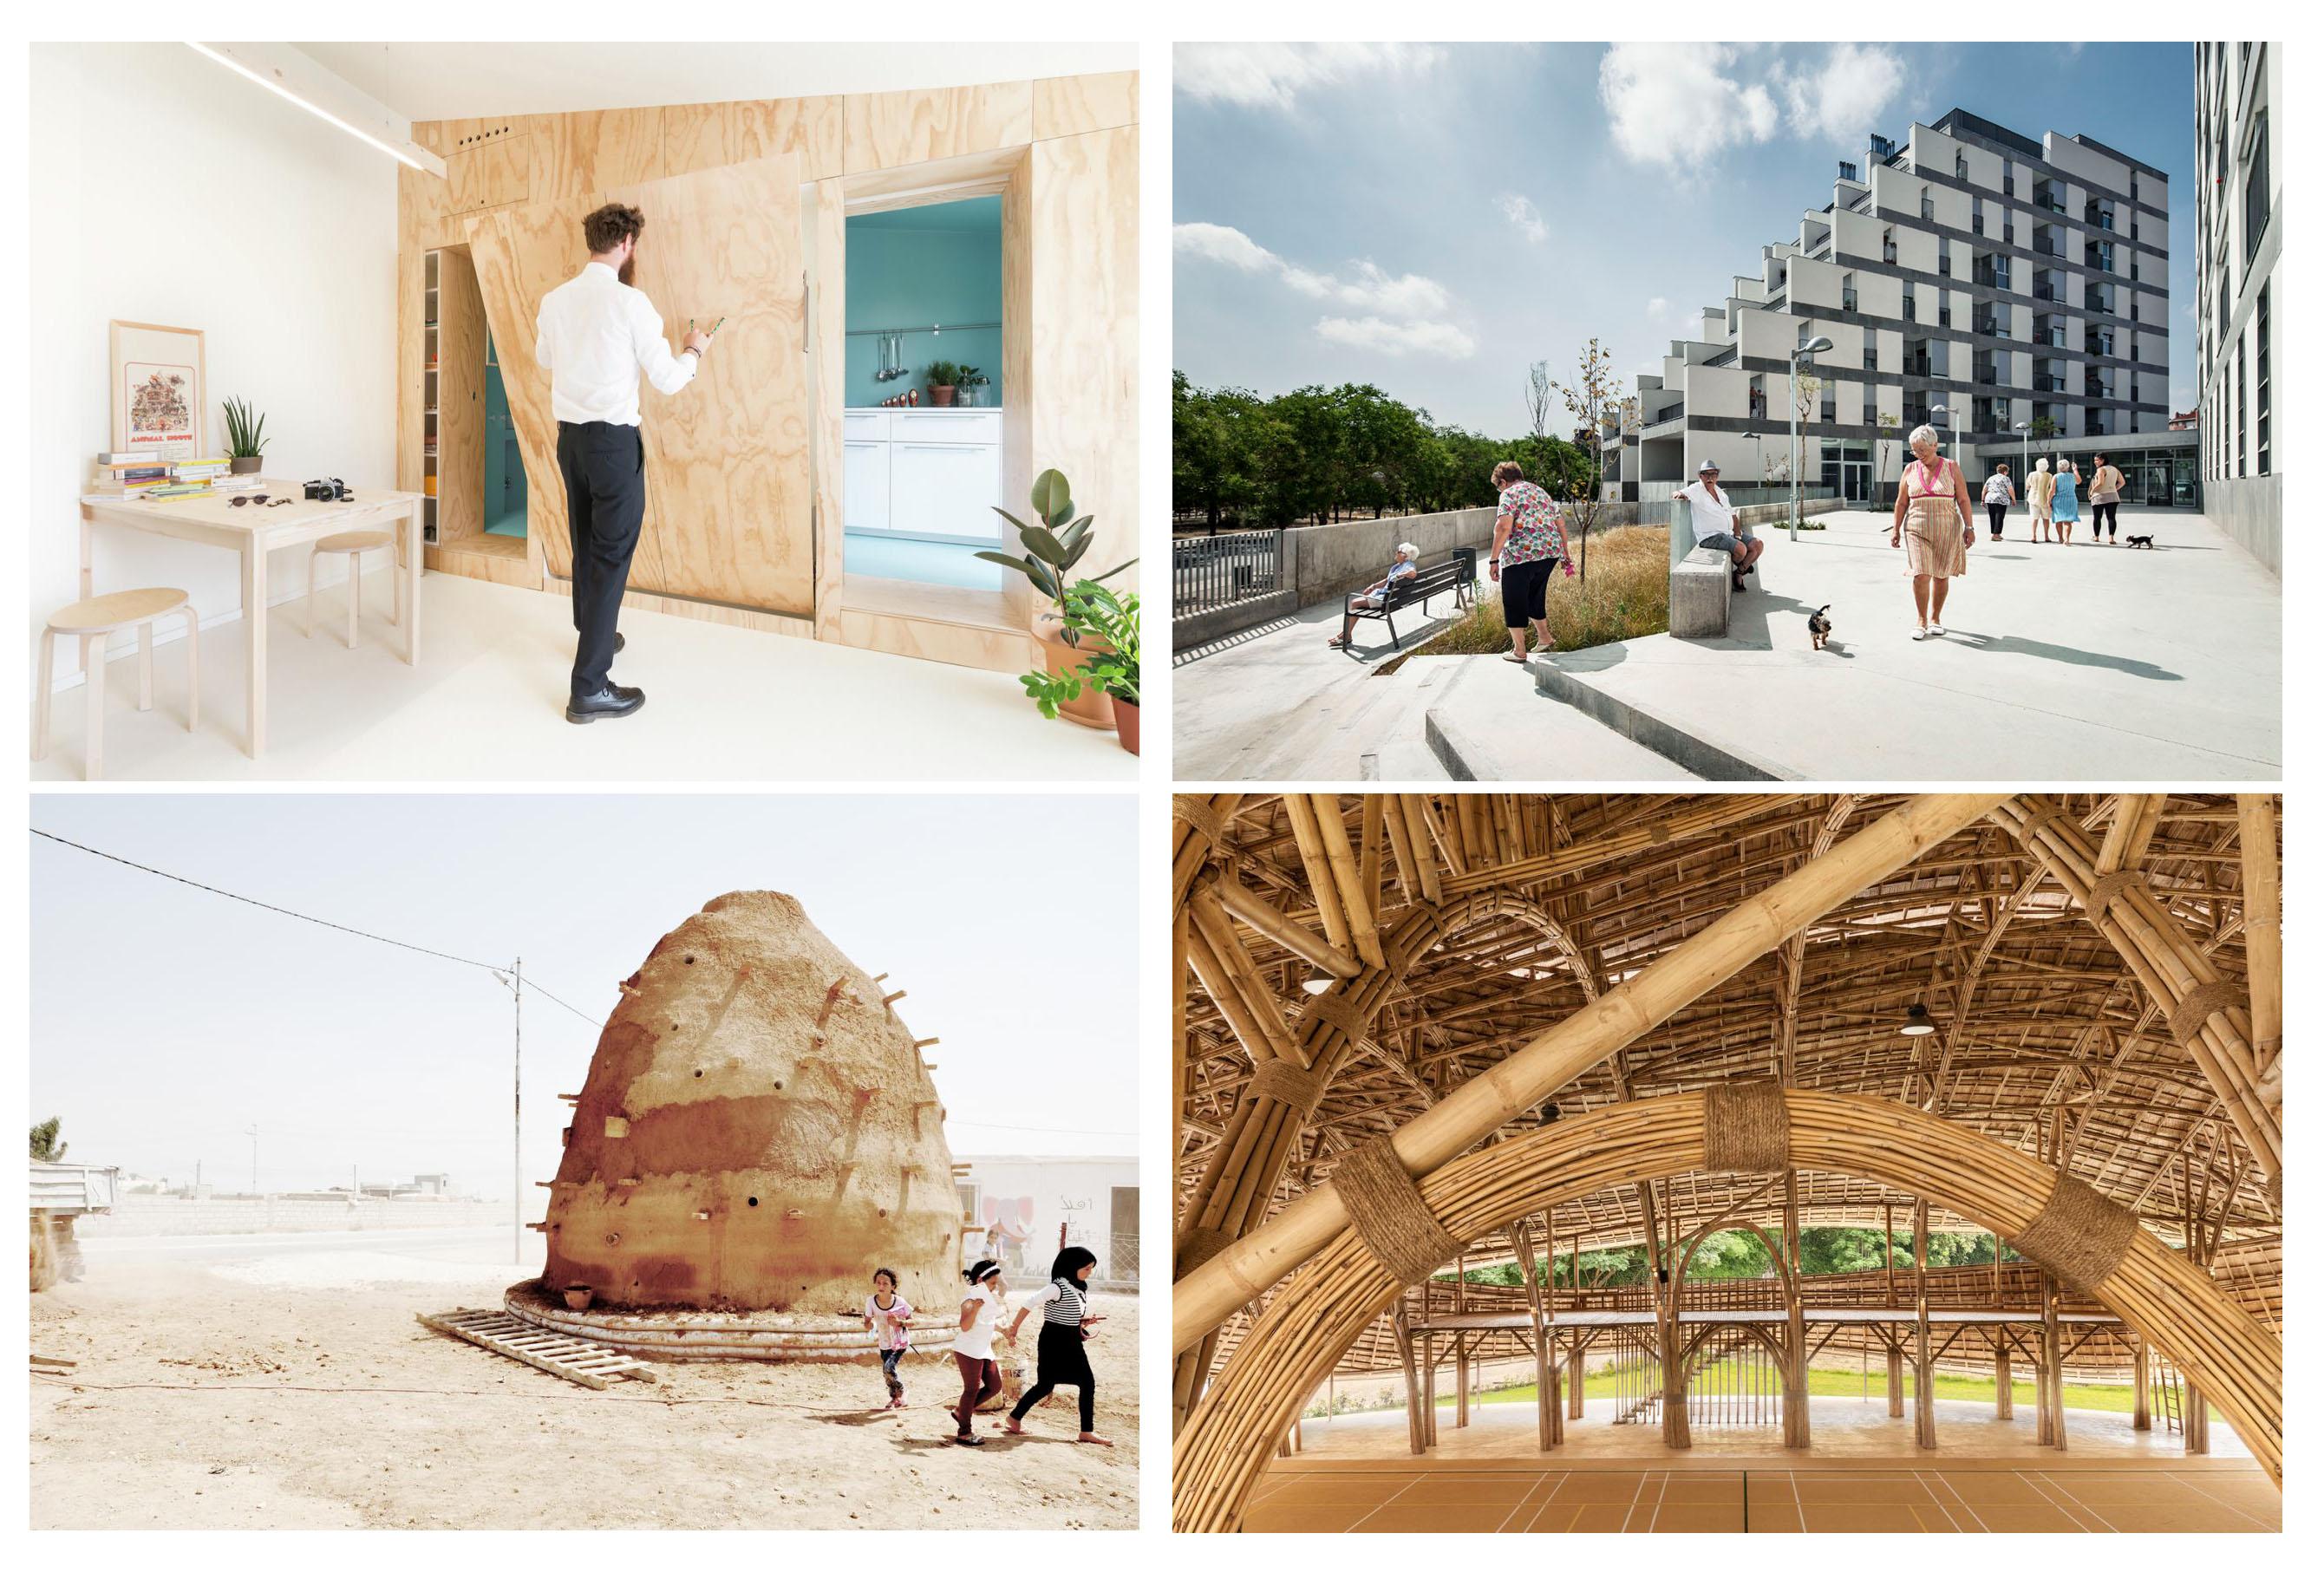 آثاری که بر معماری سال 2019 تاثیر خواهند گذاشت